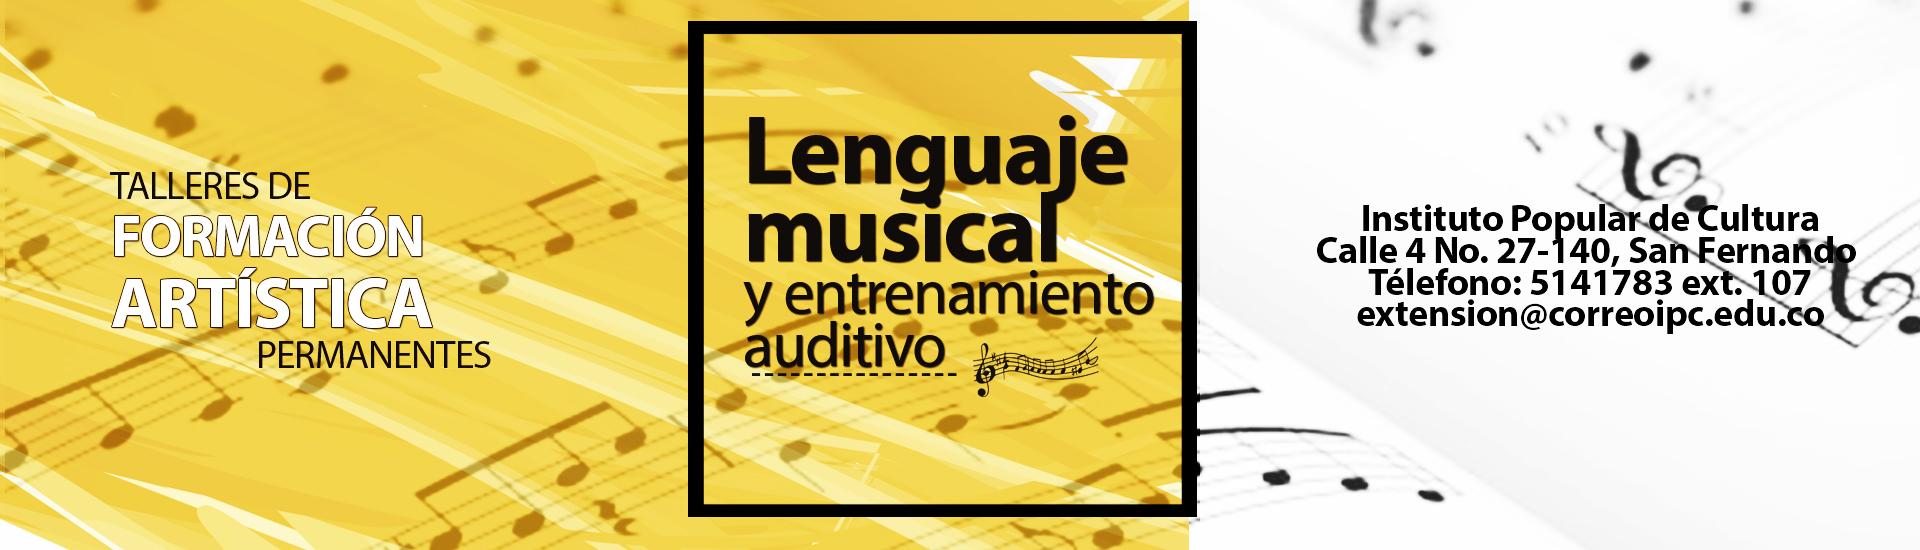 lenguajemusical